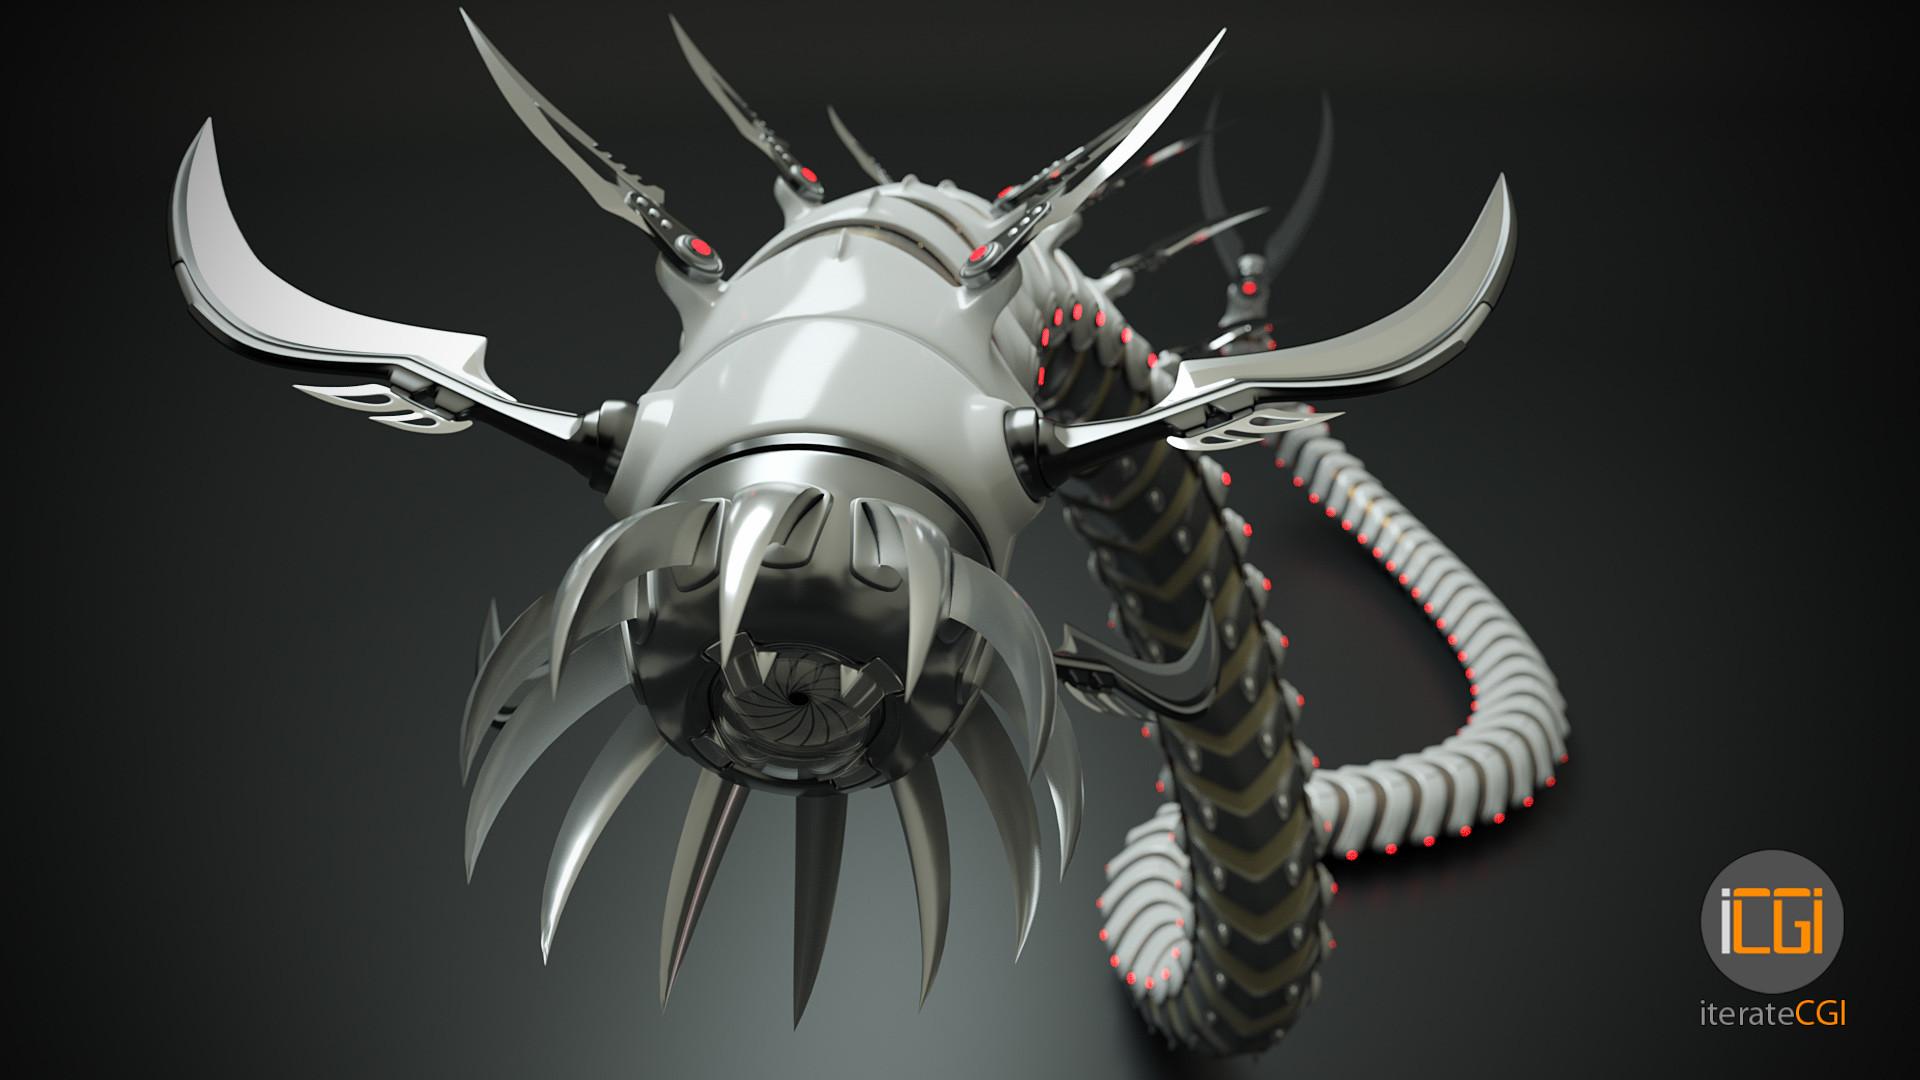 Johan de leenheer snakebot 1